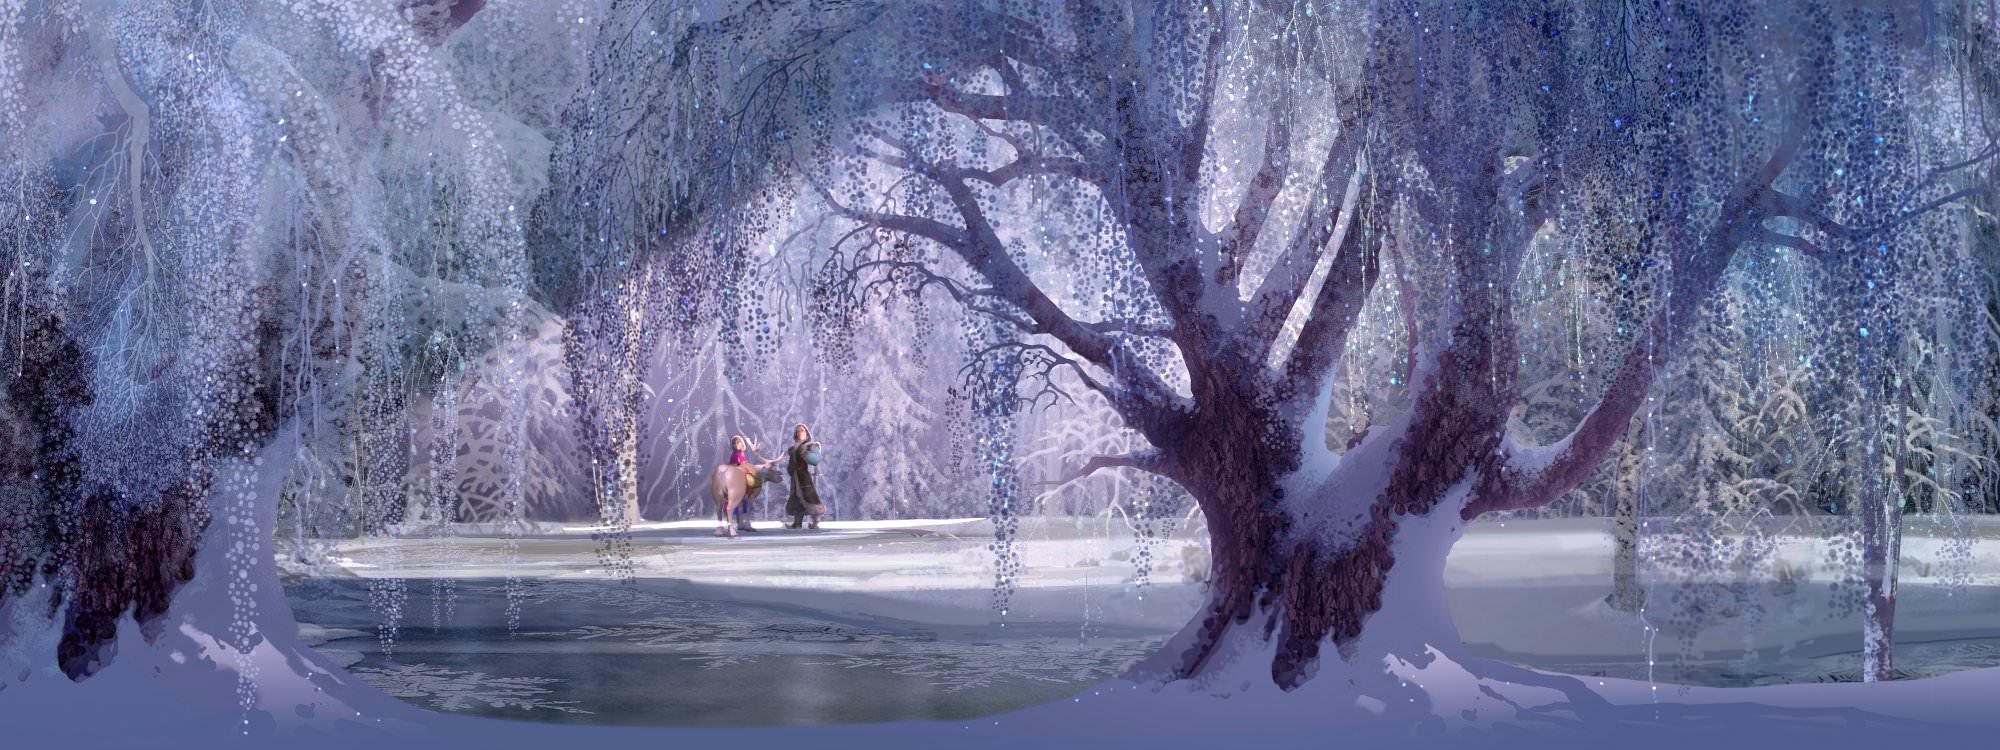 Welch wunderschöne Landschaft es auch im Winter geben kann. © Walt Disney Home Entertainment